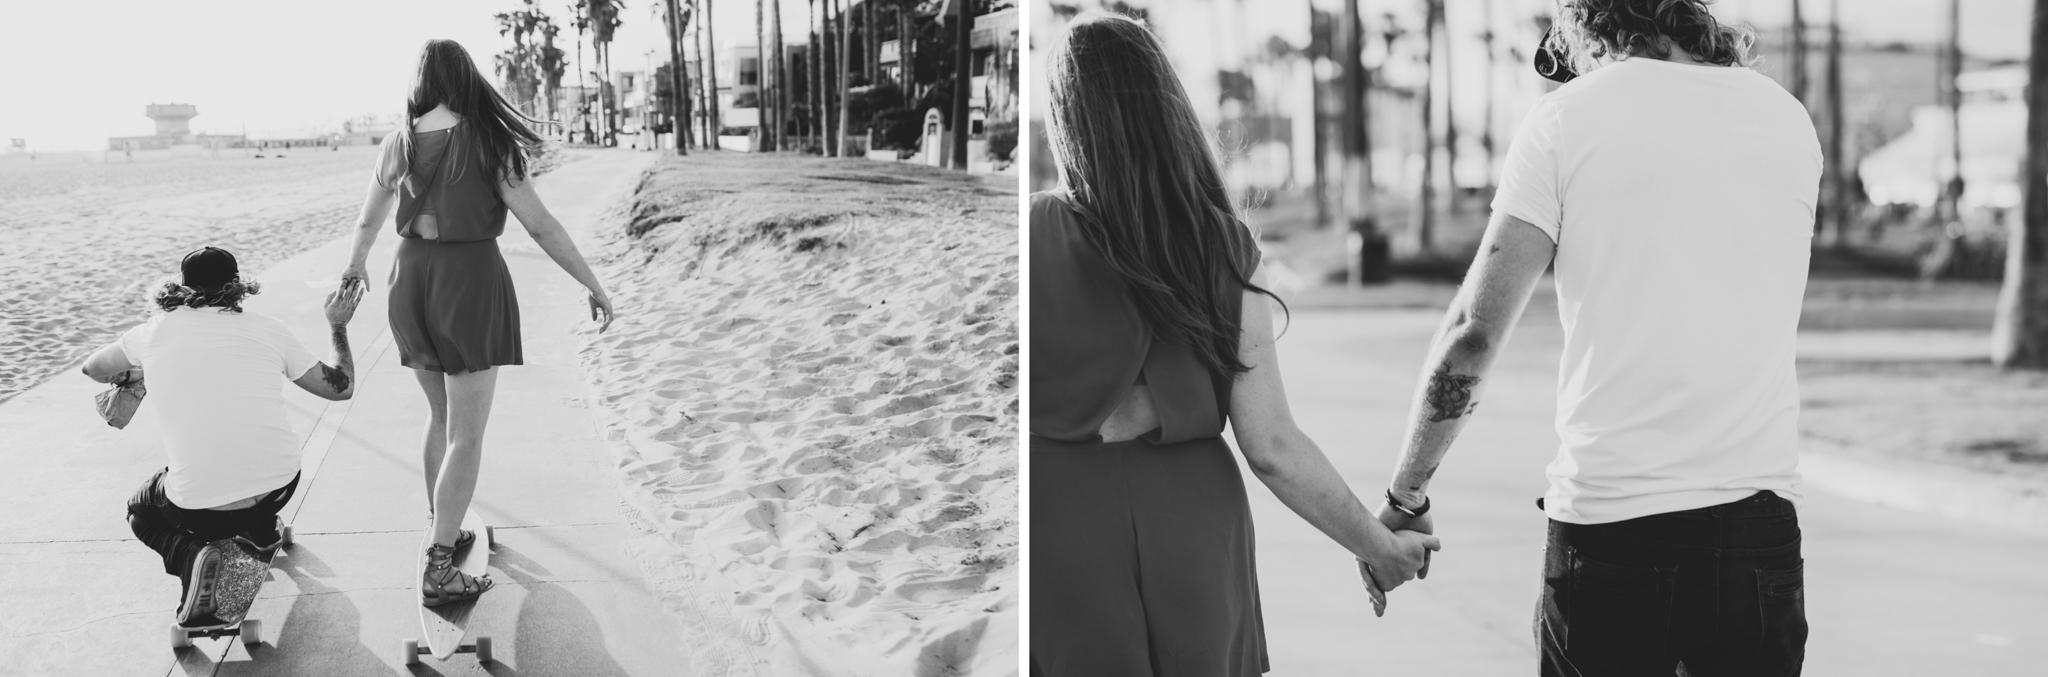 ©Isaiah & Taylor Photography  - Los Angeles Wedding Photographer - Venice Beach-41.jpg